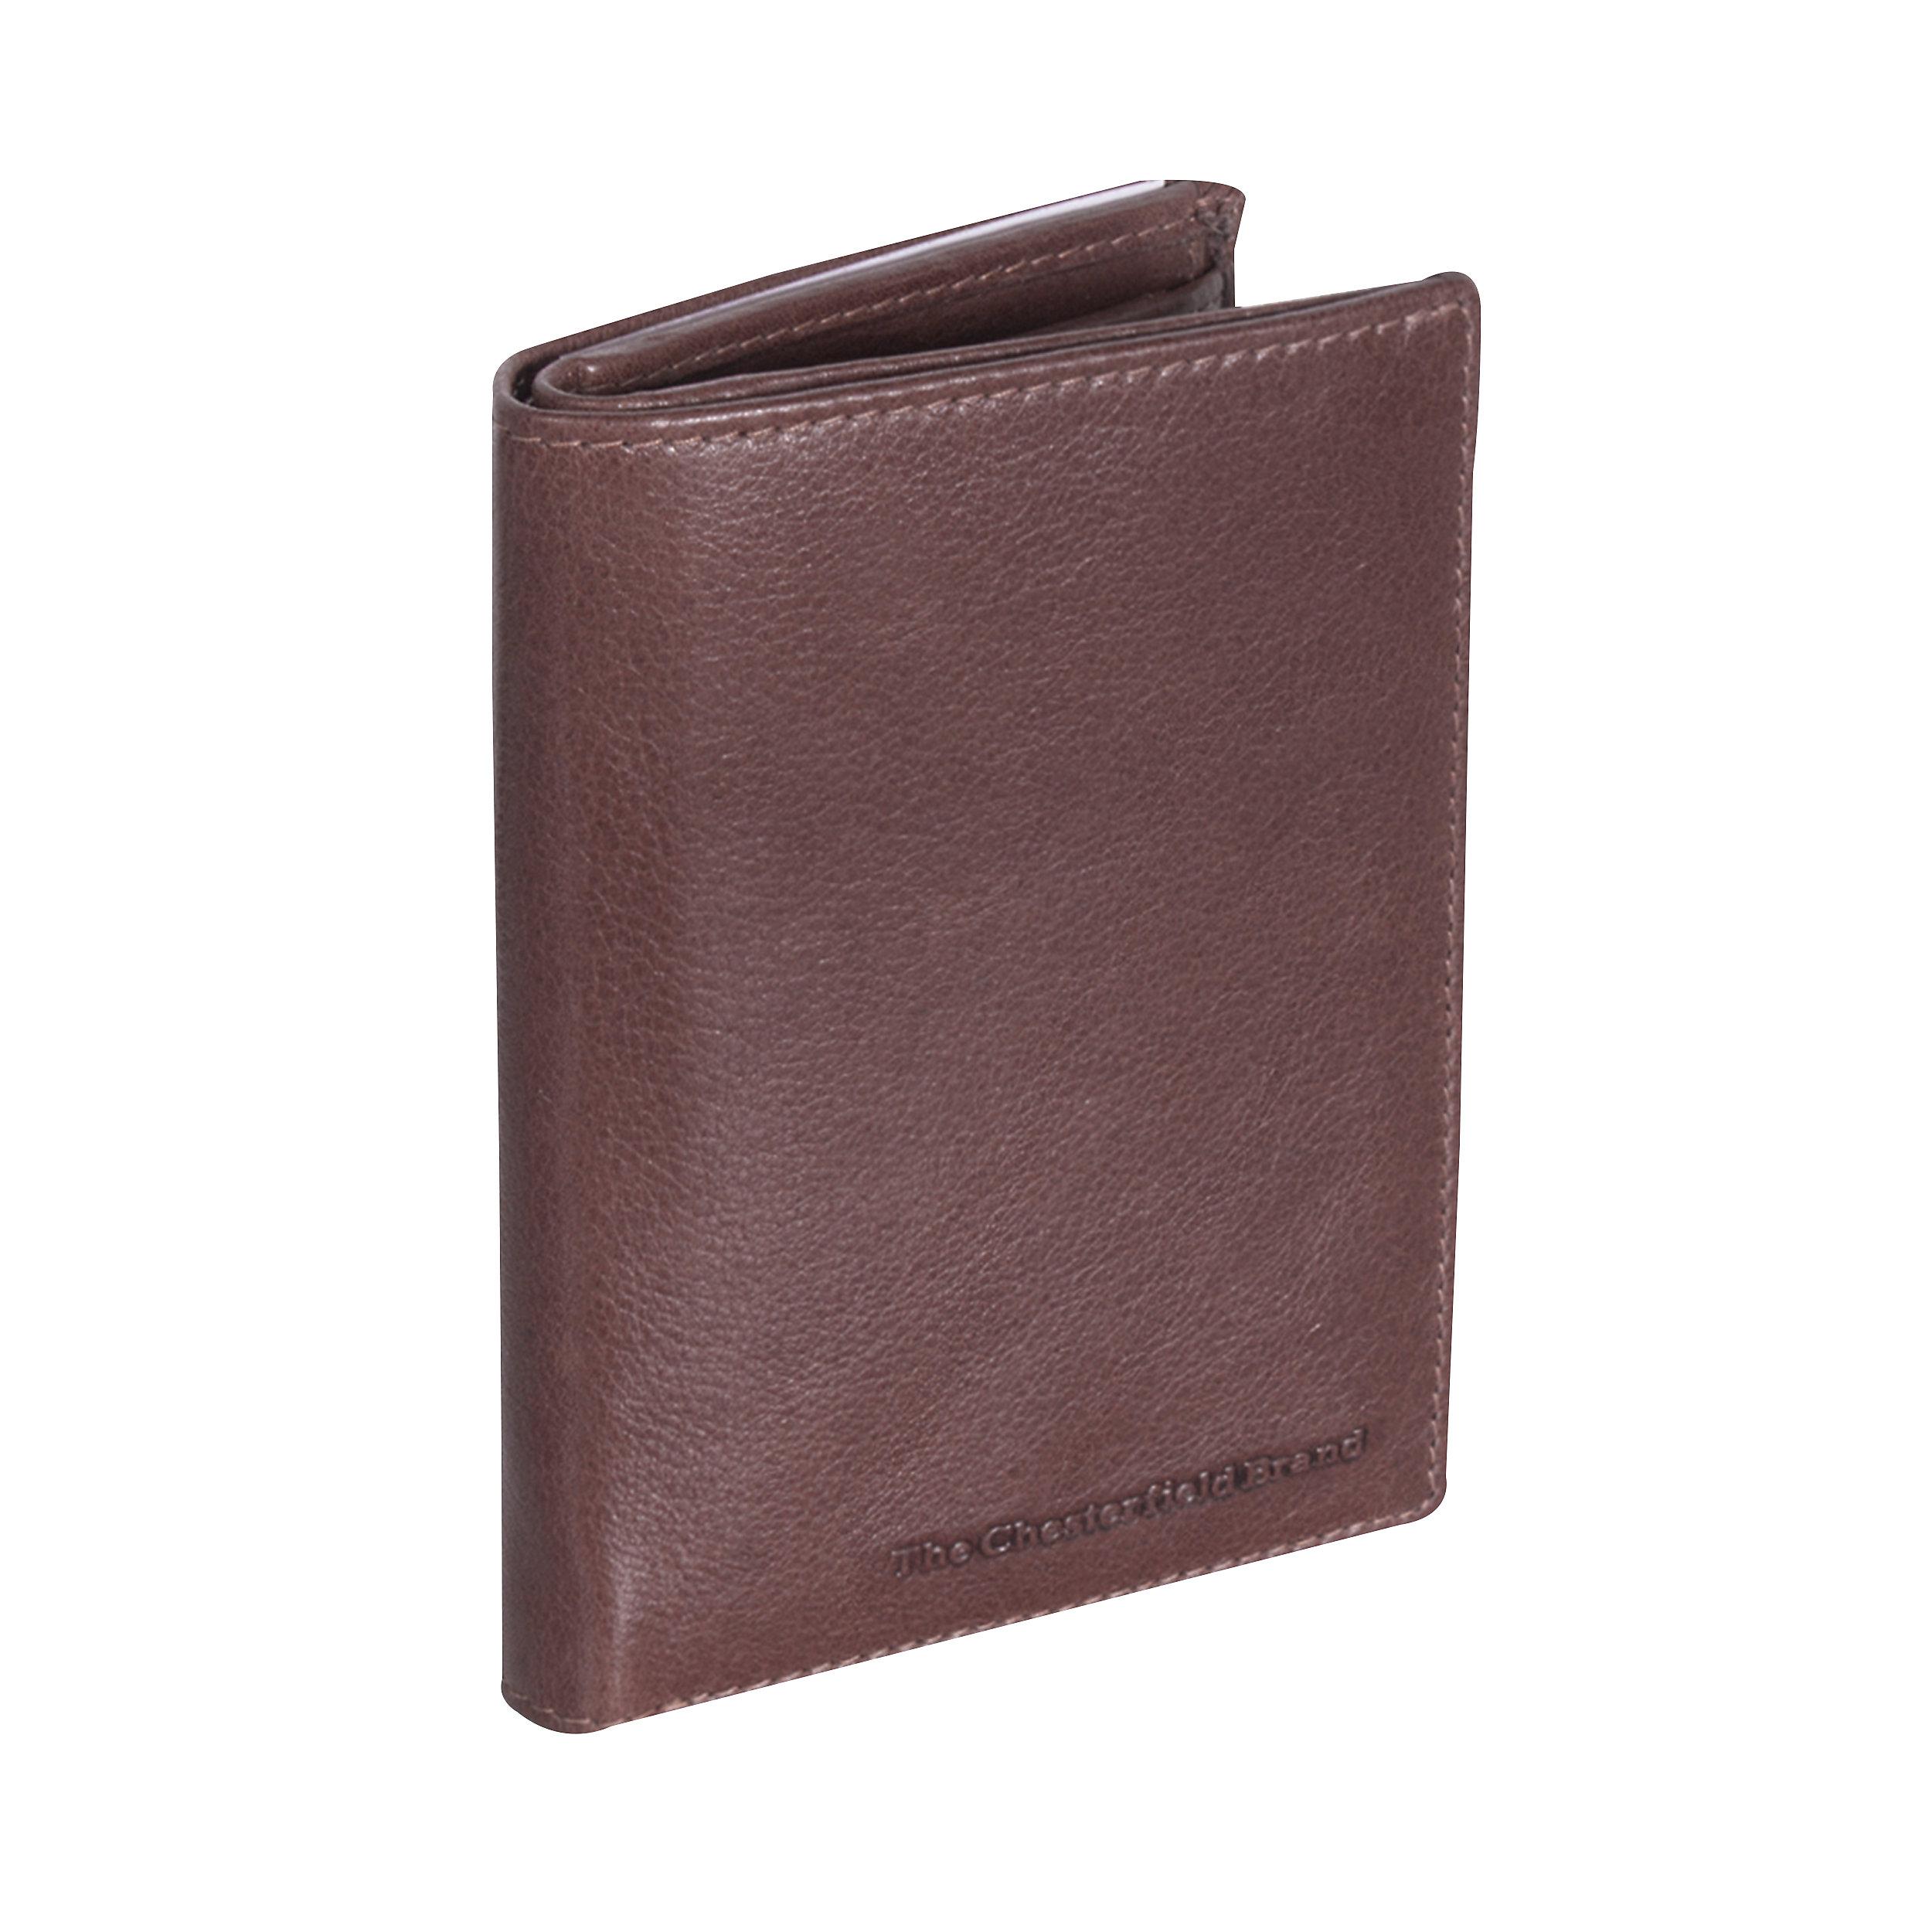 Kombibörse Hank hoch 7KK RFID Odean Leather Collection M